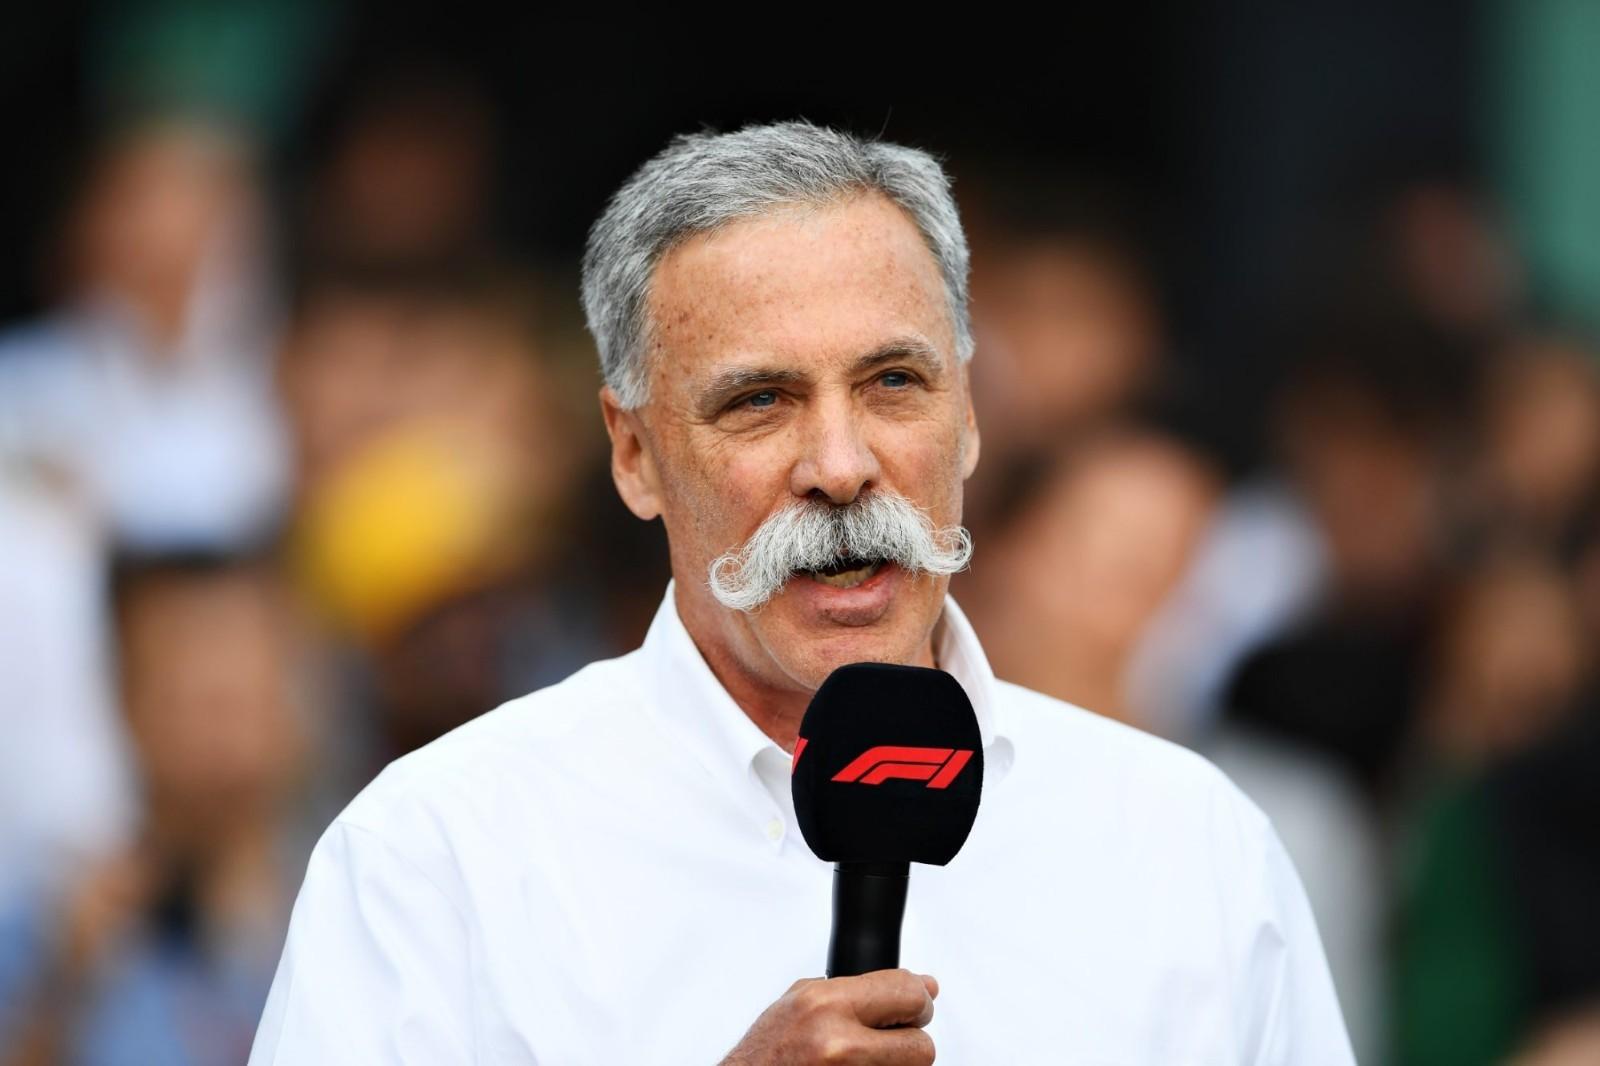 F1 CEO发表声明:修订后的2020赛季将有15-18场比赛